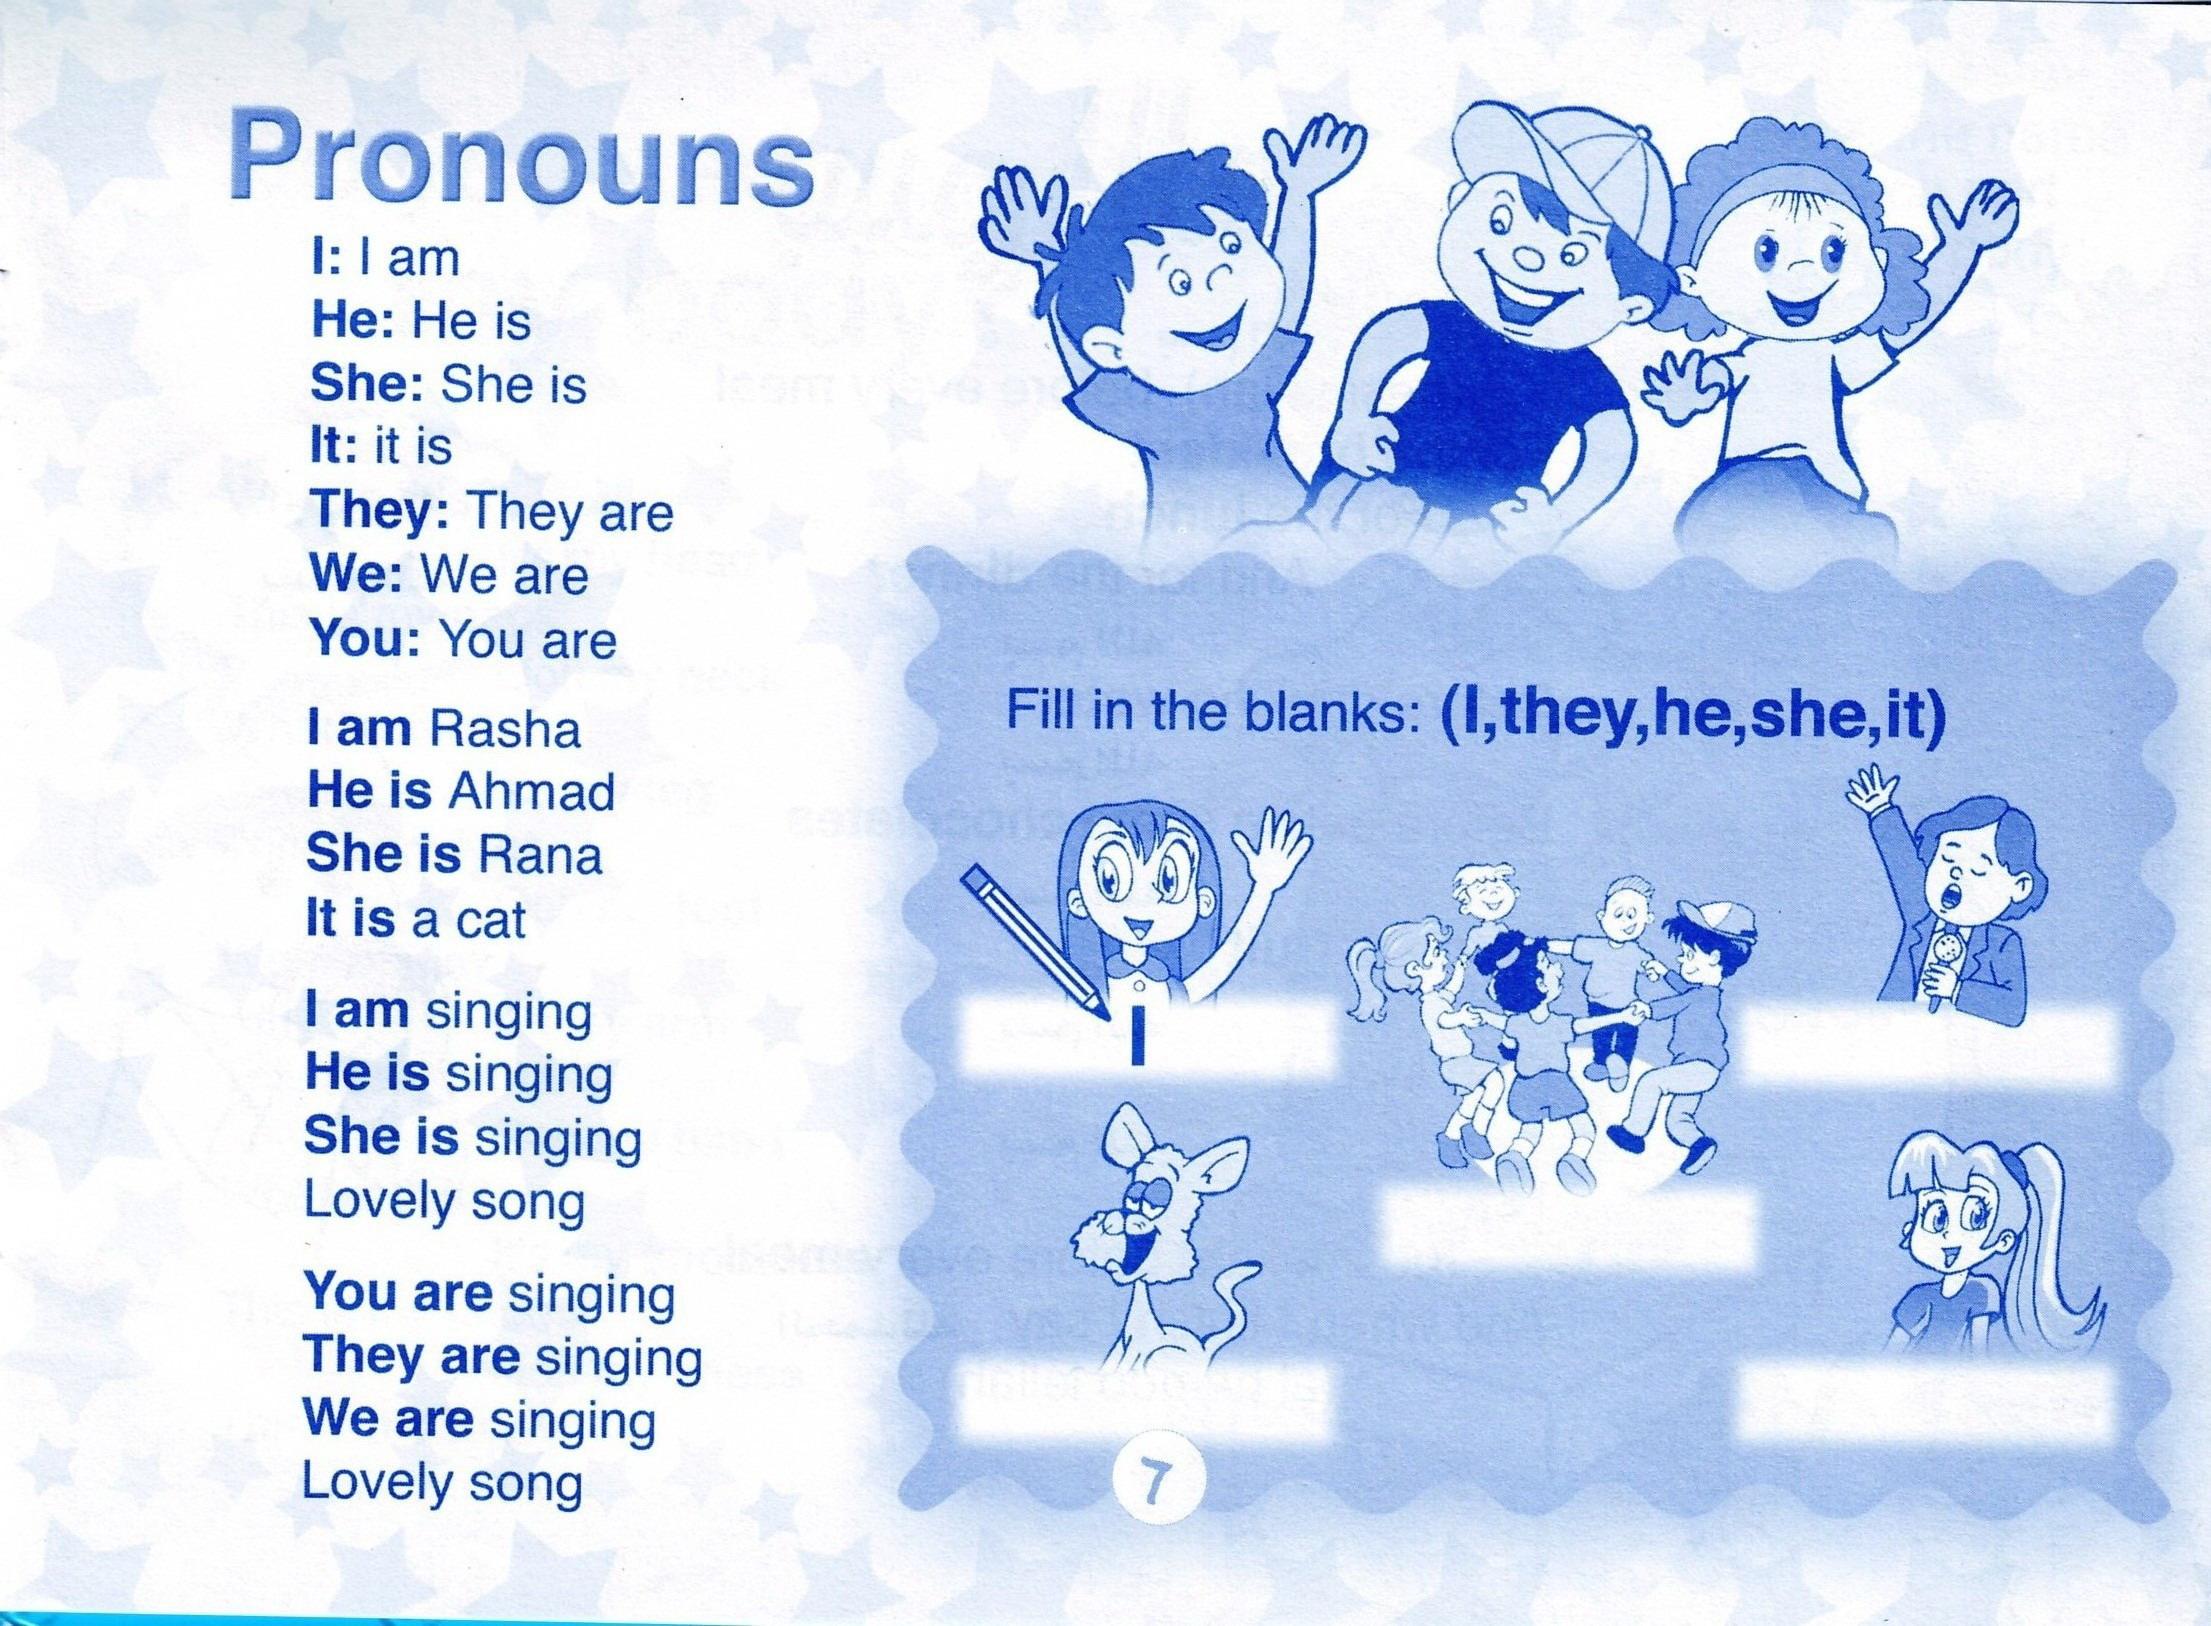 أناشيد باللغة الأنجليزية تعليمية - English songs for kids .. للأطفال 1234_01200095983